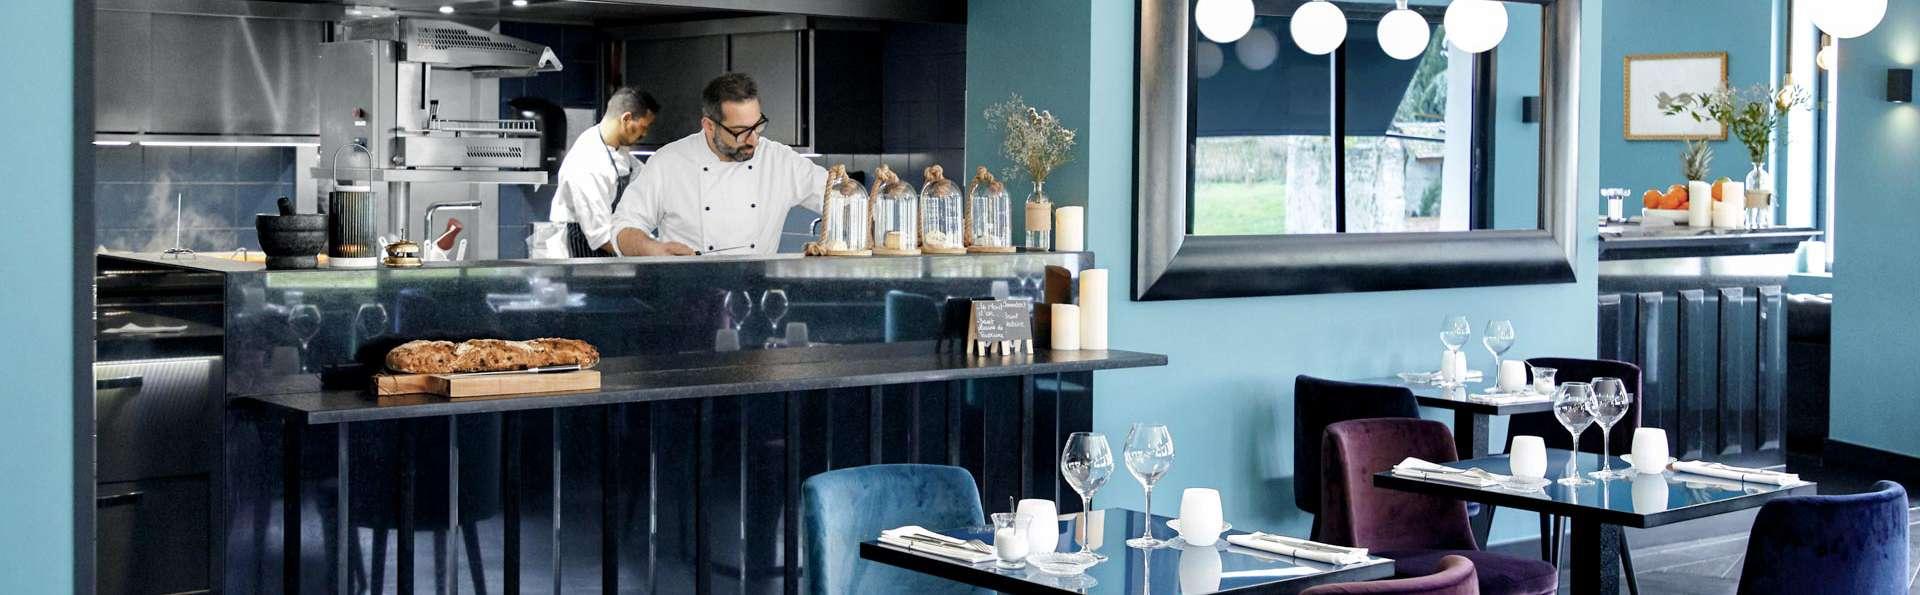 Hôtel-Restaurant Bel Ami - EDIT_RESTAURANT_01.jpg